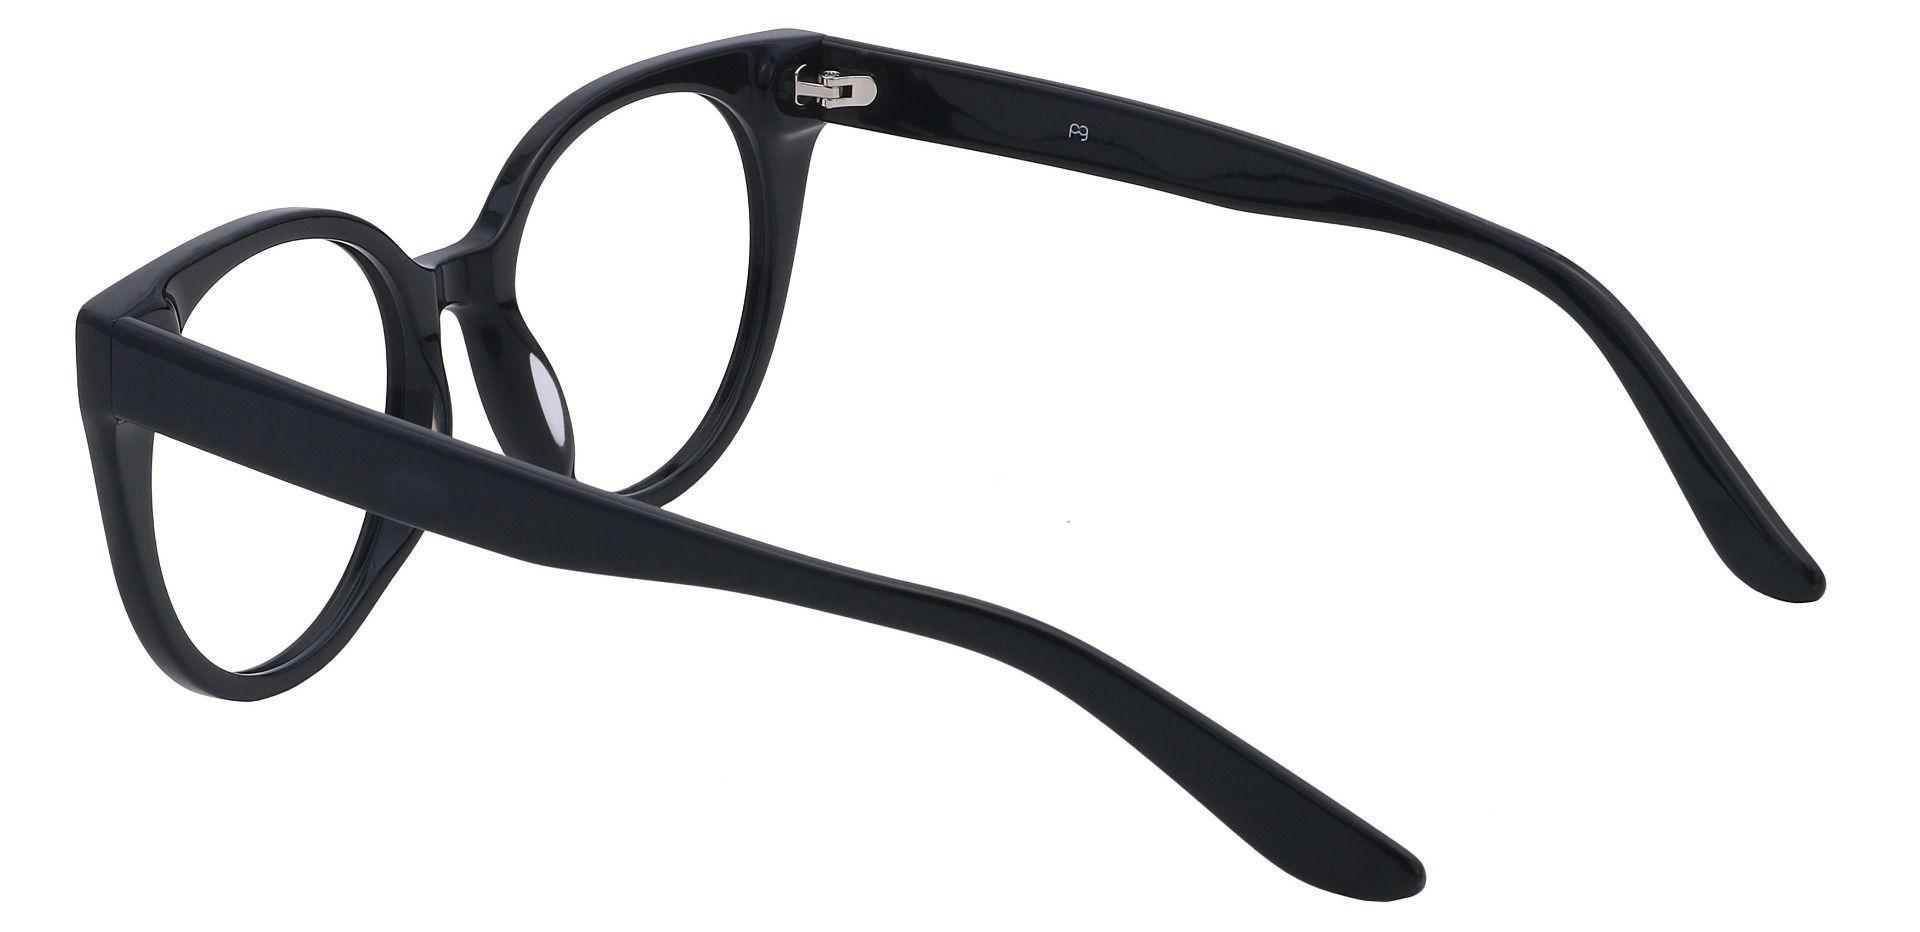 Balmoral Cat-Eye Prescription Glasses - Black